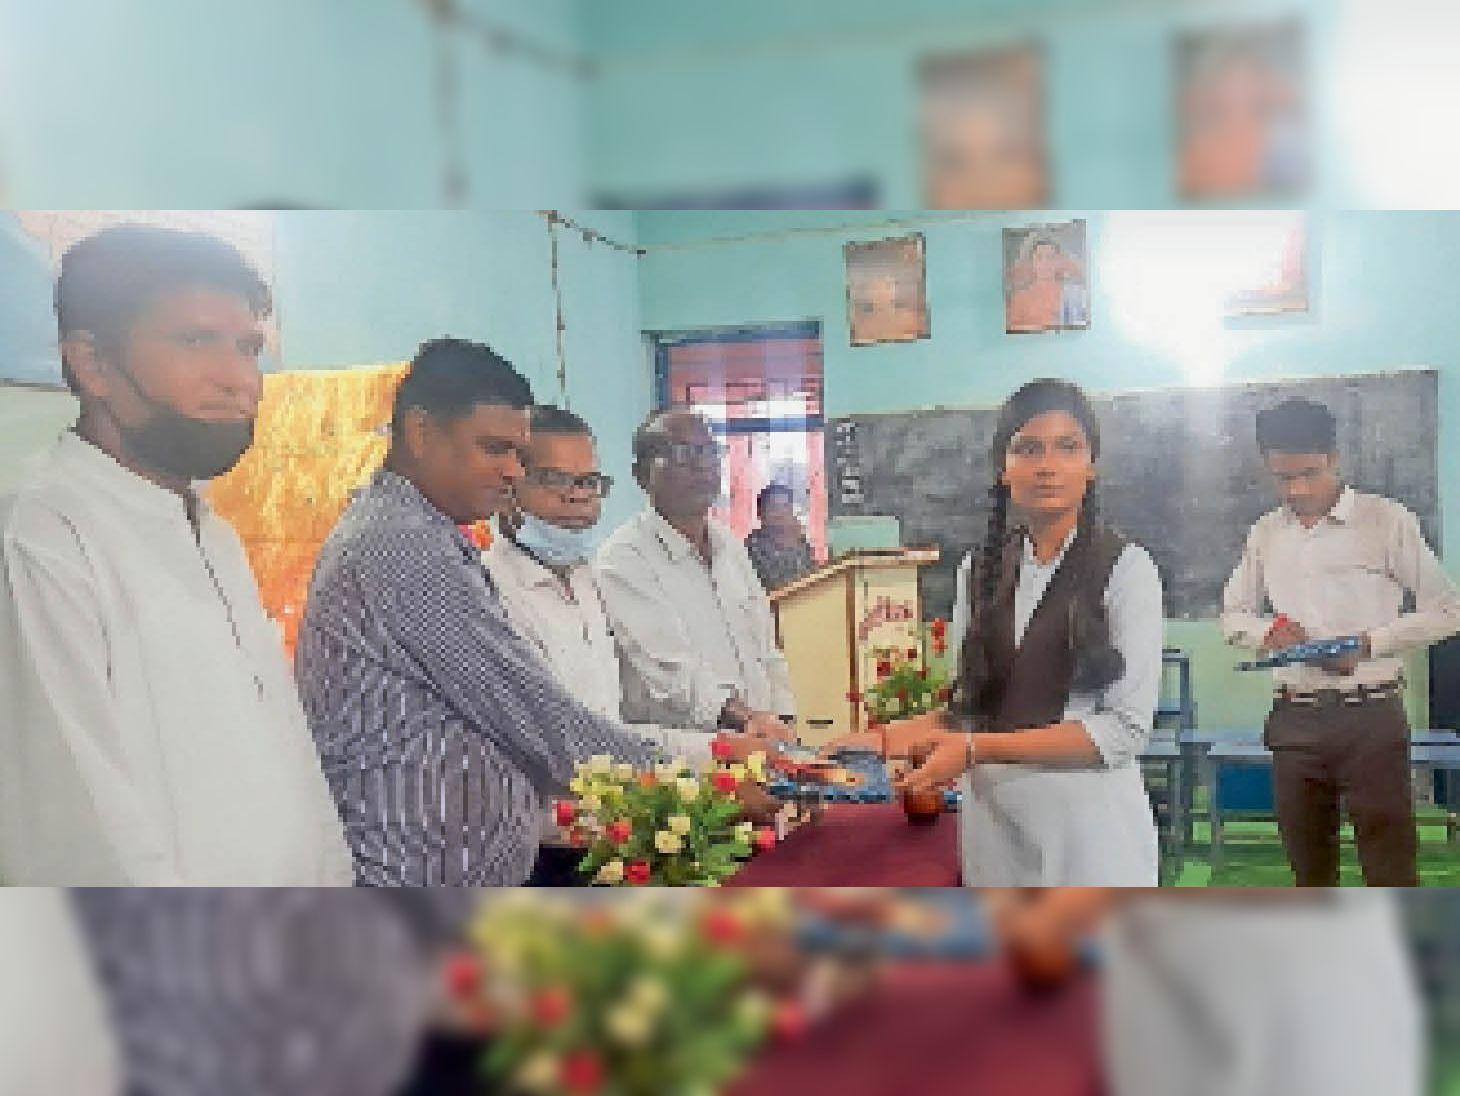 प्रतियोगिता में विजयी प्रतिभागी को किया गया पुरस्कृत। - Dainik Bhaskar